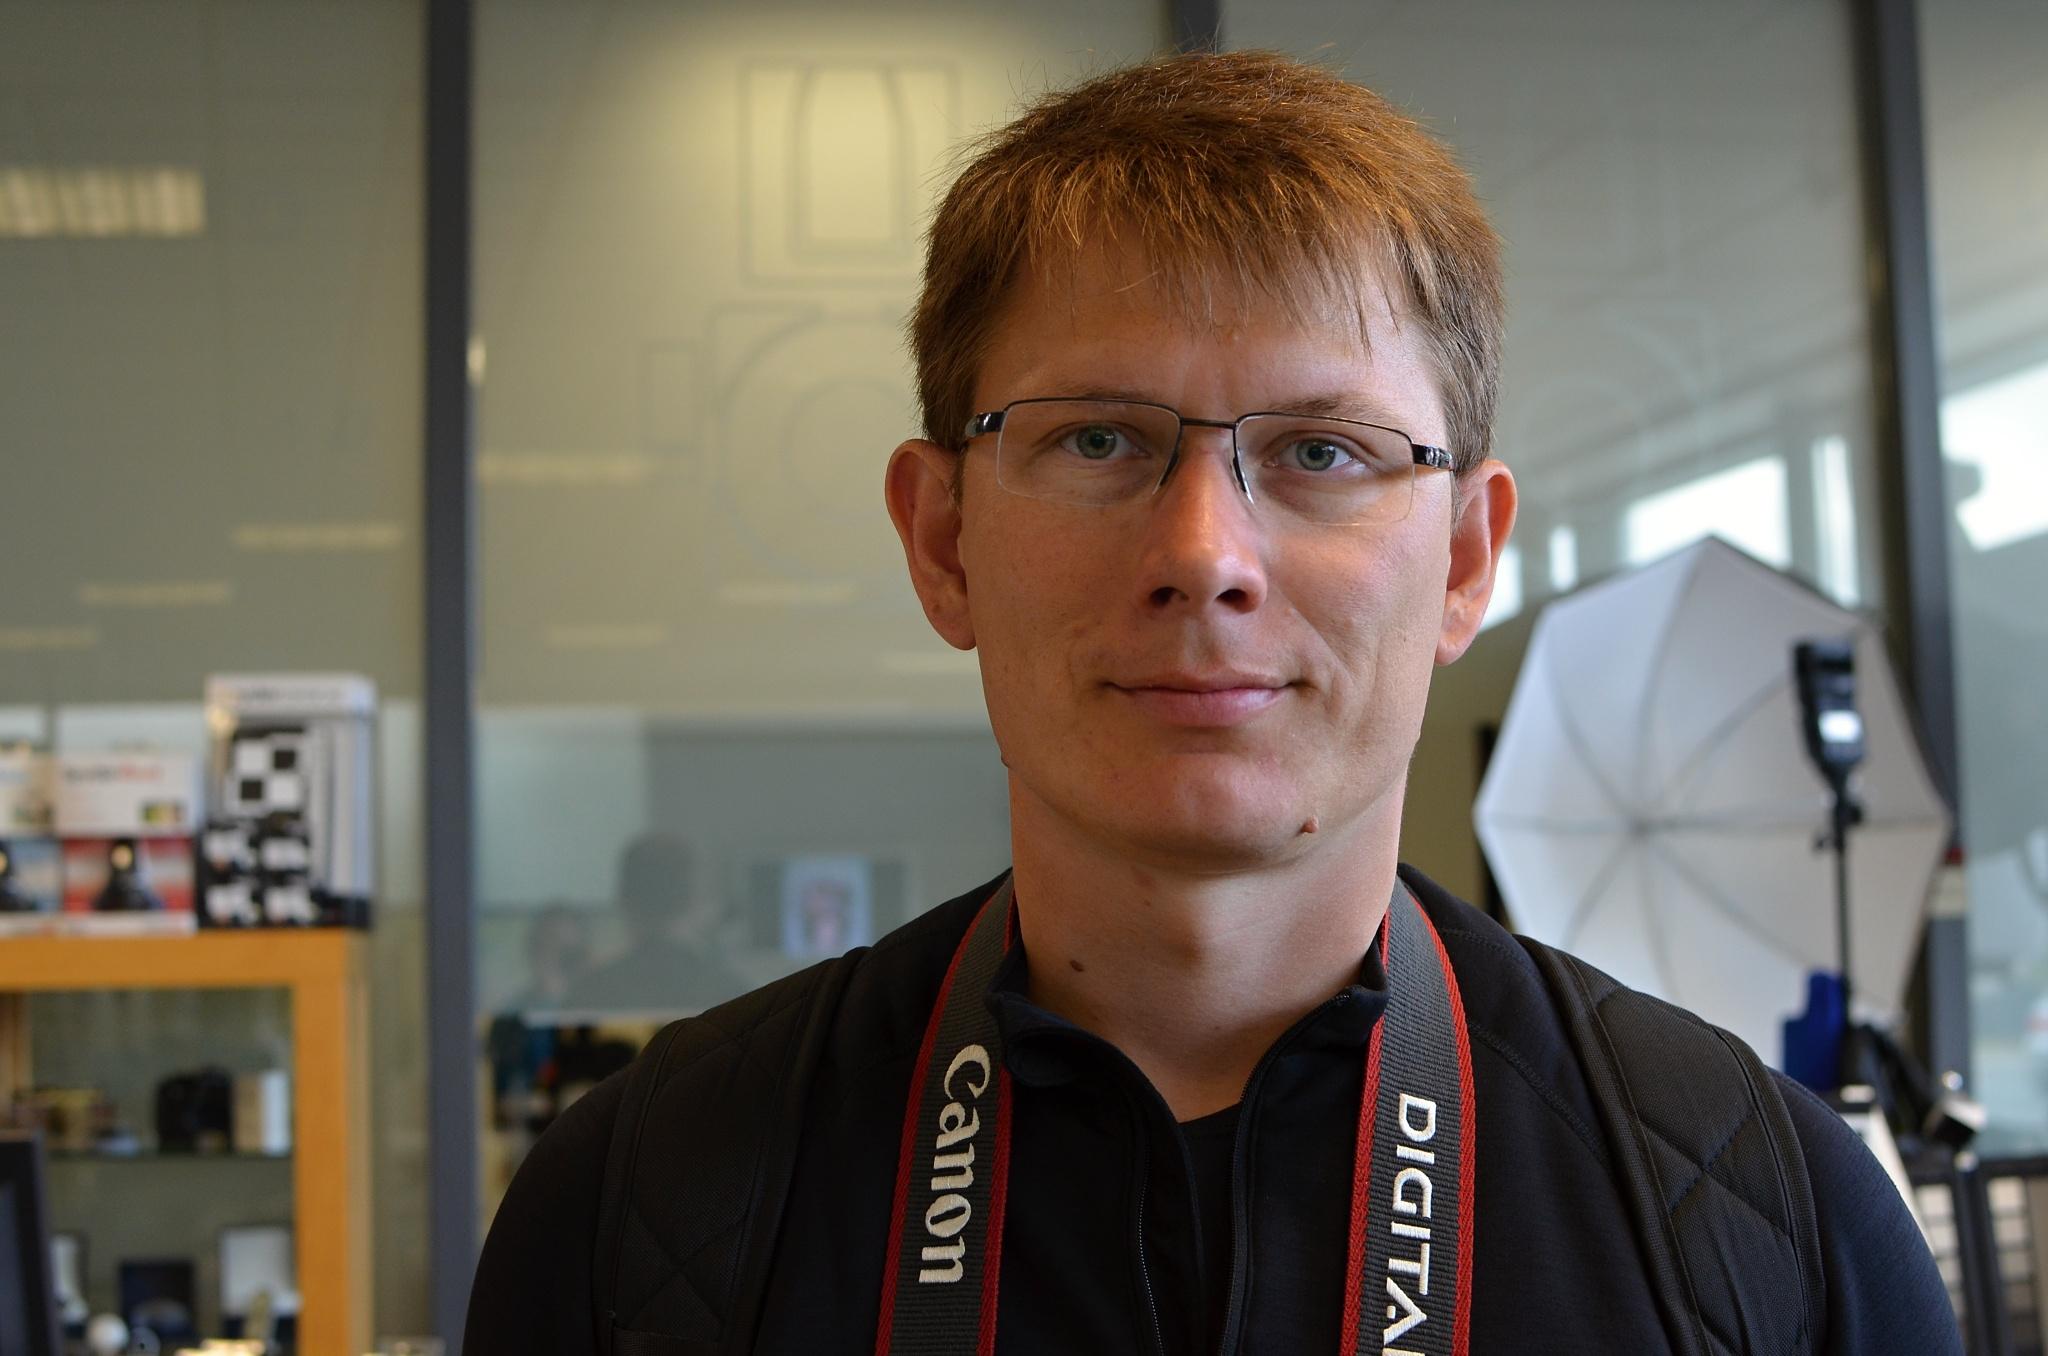 Fotka v islandské prodejně fotoaparátů.